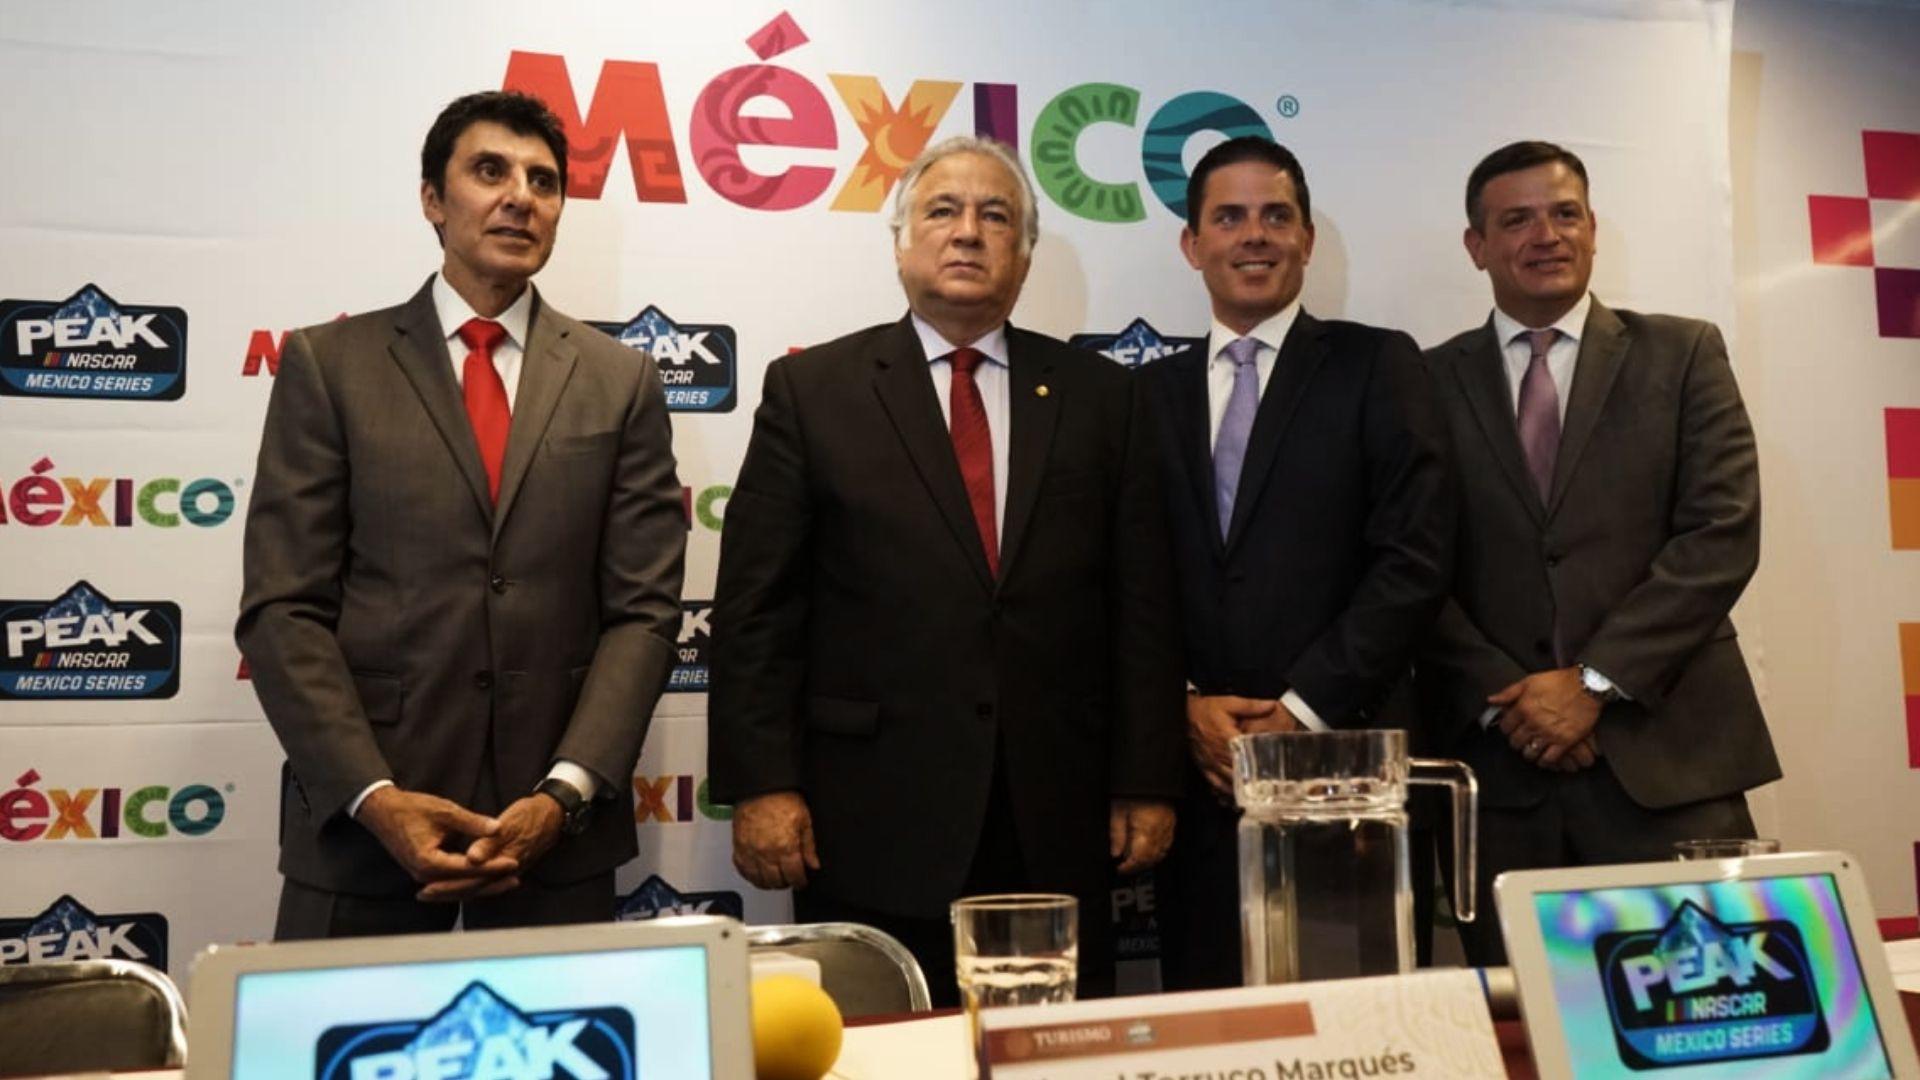 La Nascar Peak México anunció su convenio con Sectur (Foto: Twitter)